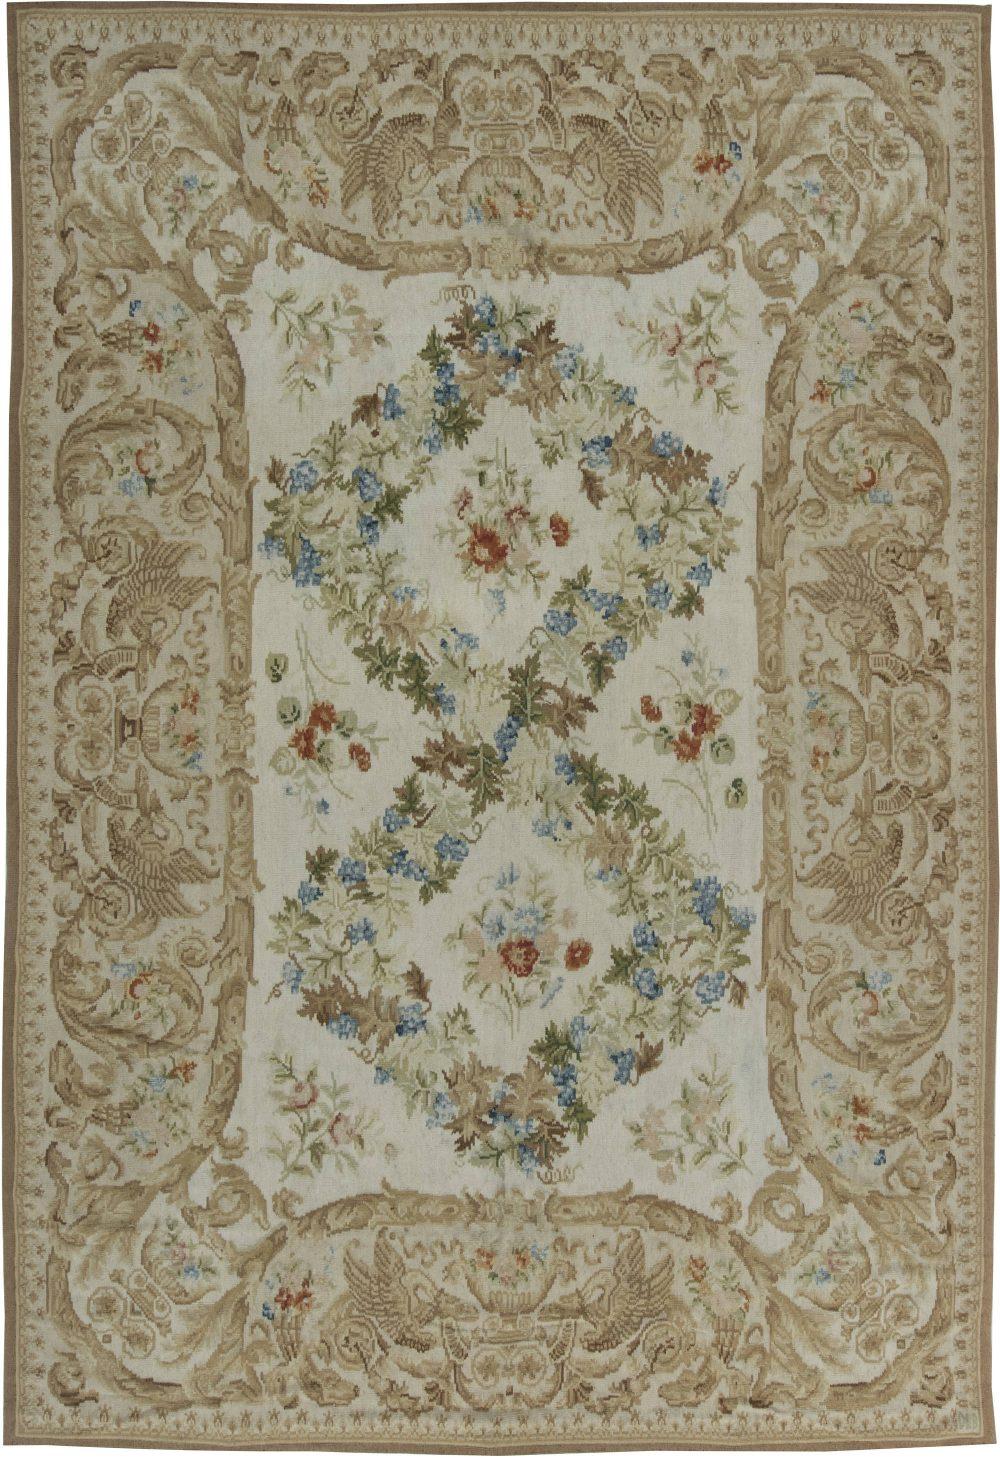 European Inspired Bassarabian Beige and Off-White Wool Rug N11521